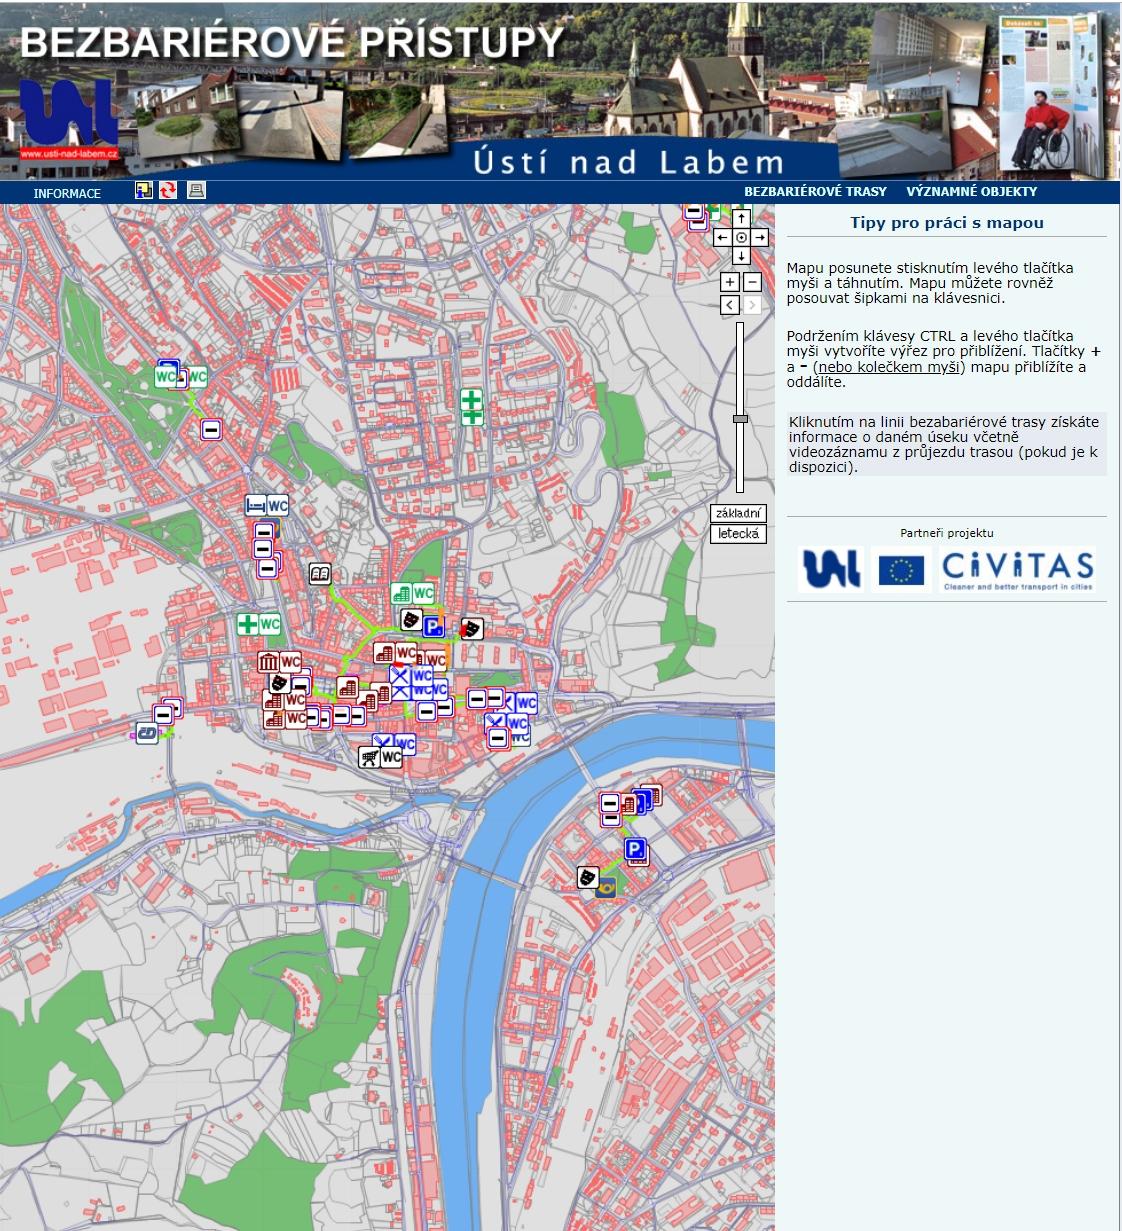 Bezbariérové přístupy města Ústí nad Labem